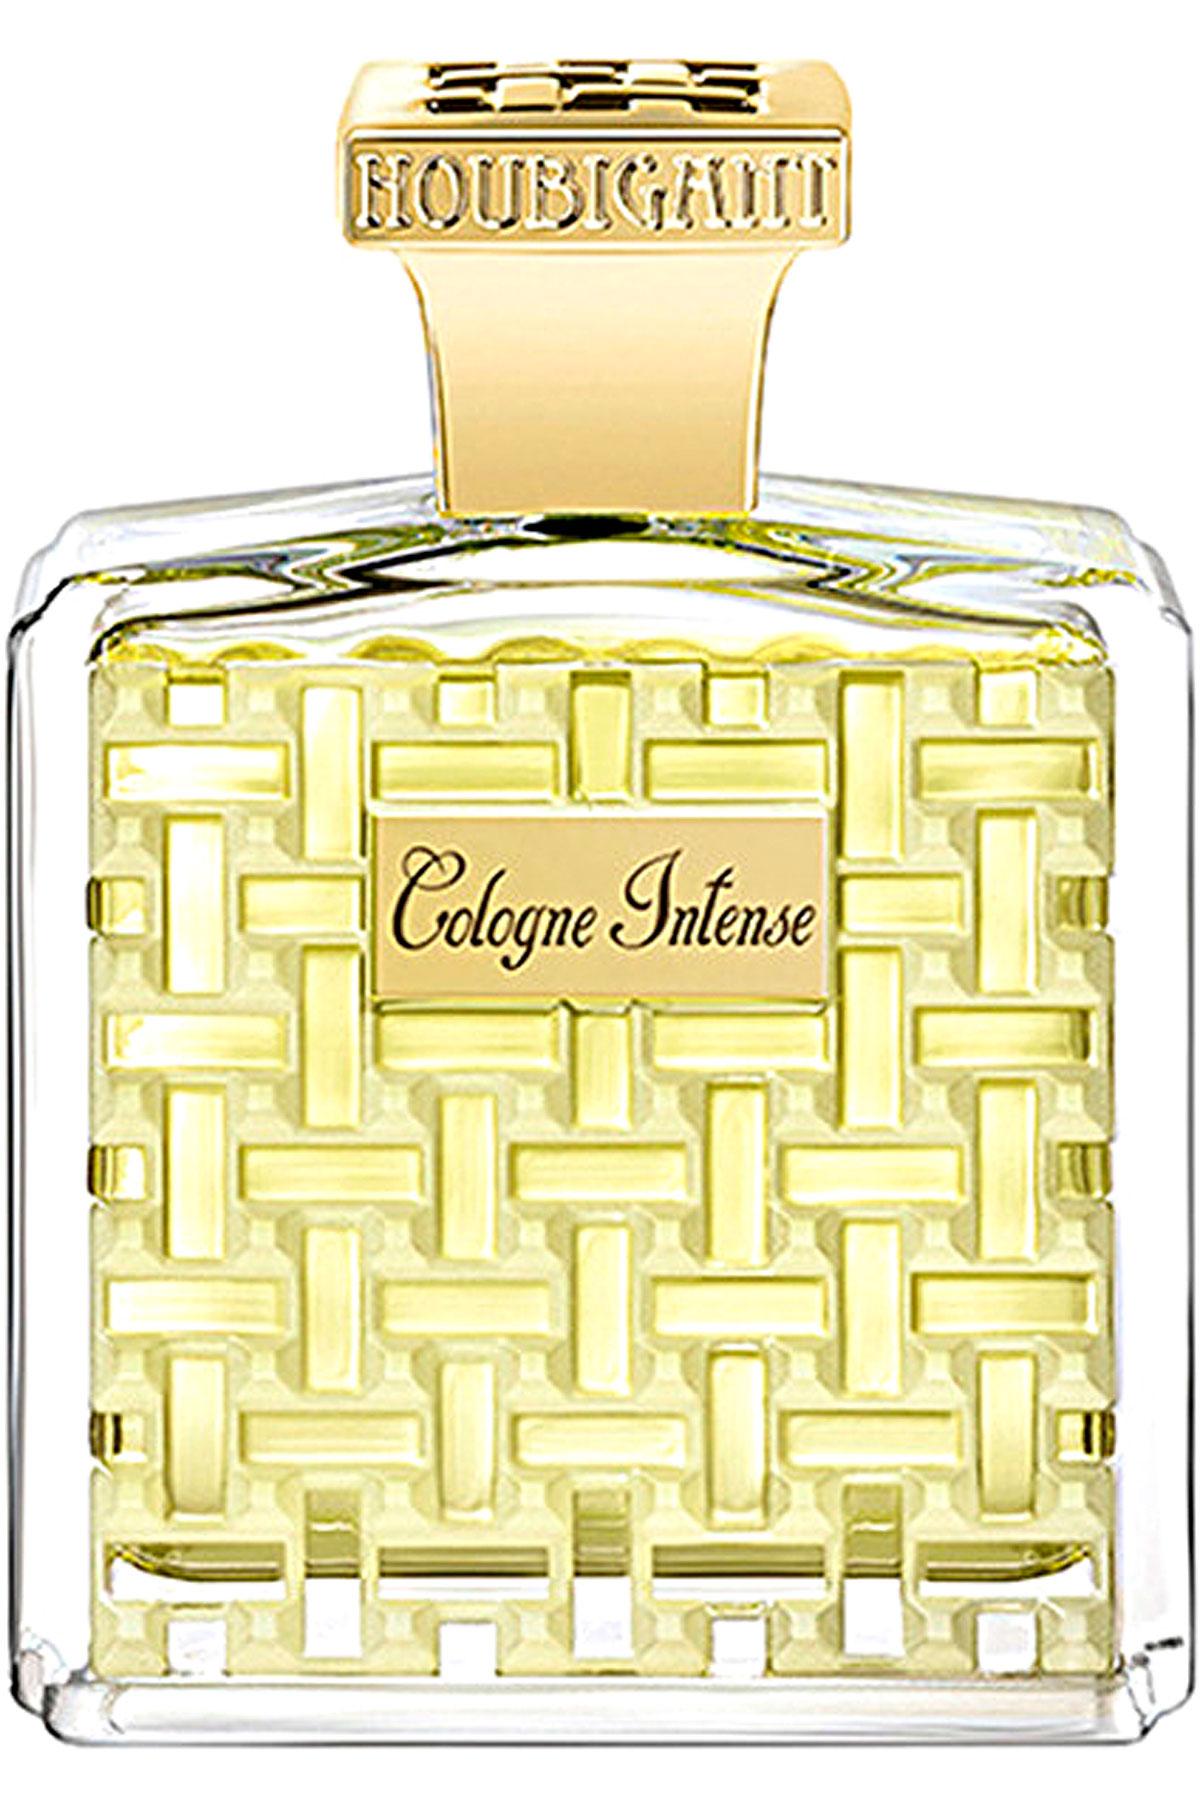 Houbigant Paris Fragrances for Men, Cologne Intense - Eau De Parfum - 100 Ml, 2019, 100 ml